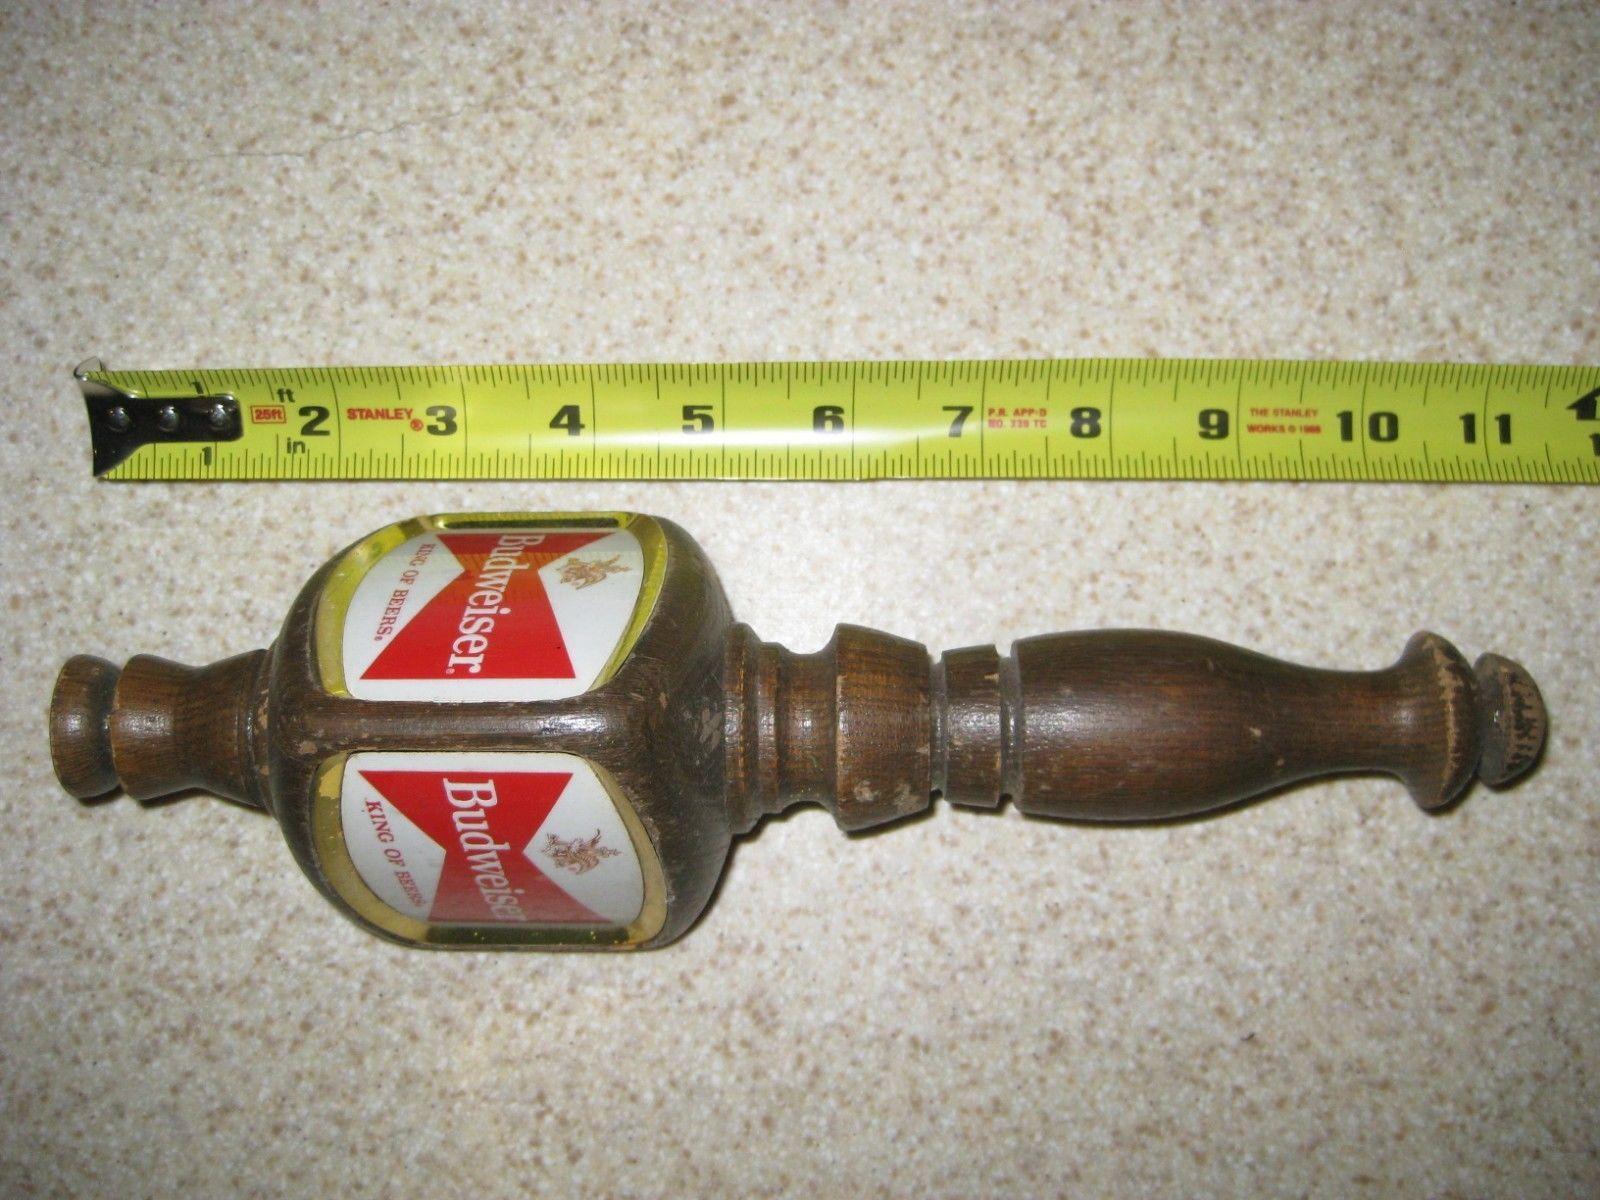 *MAKE AN OFFER* Budweiser Beer Tap Handle Vintage